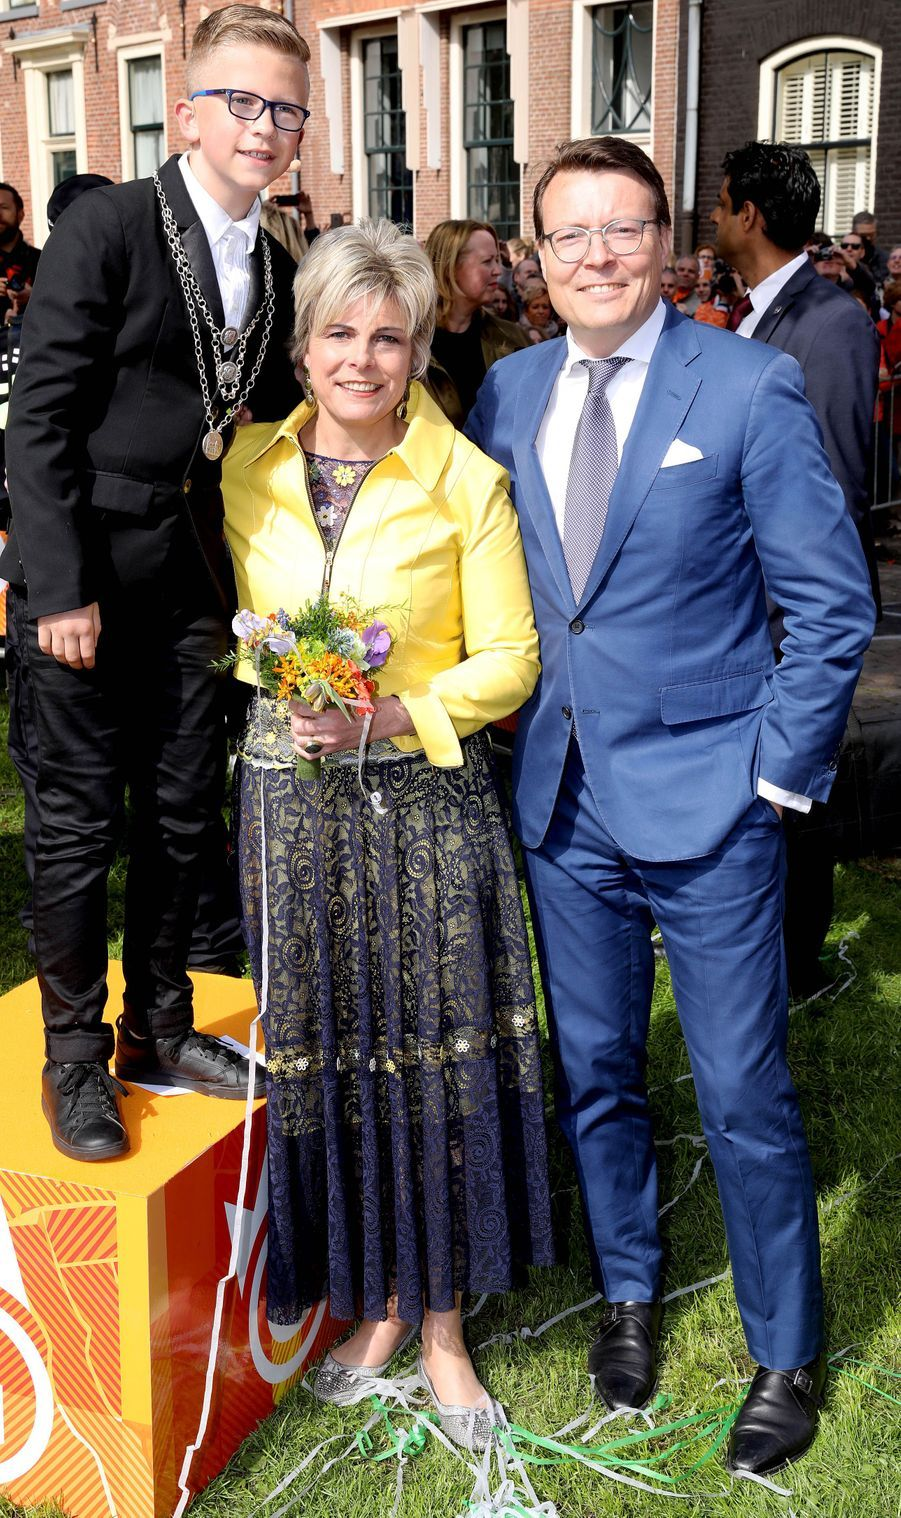 La princesse Laurentien et le prince Constantijn des Pays-Bas, à Groningen le 27 avril 2018